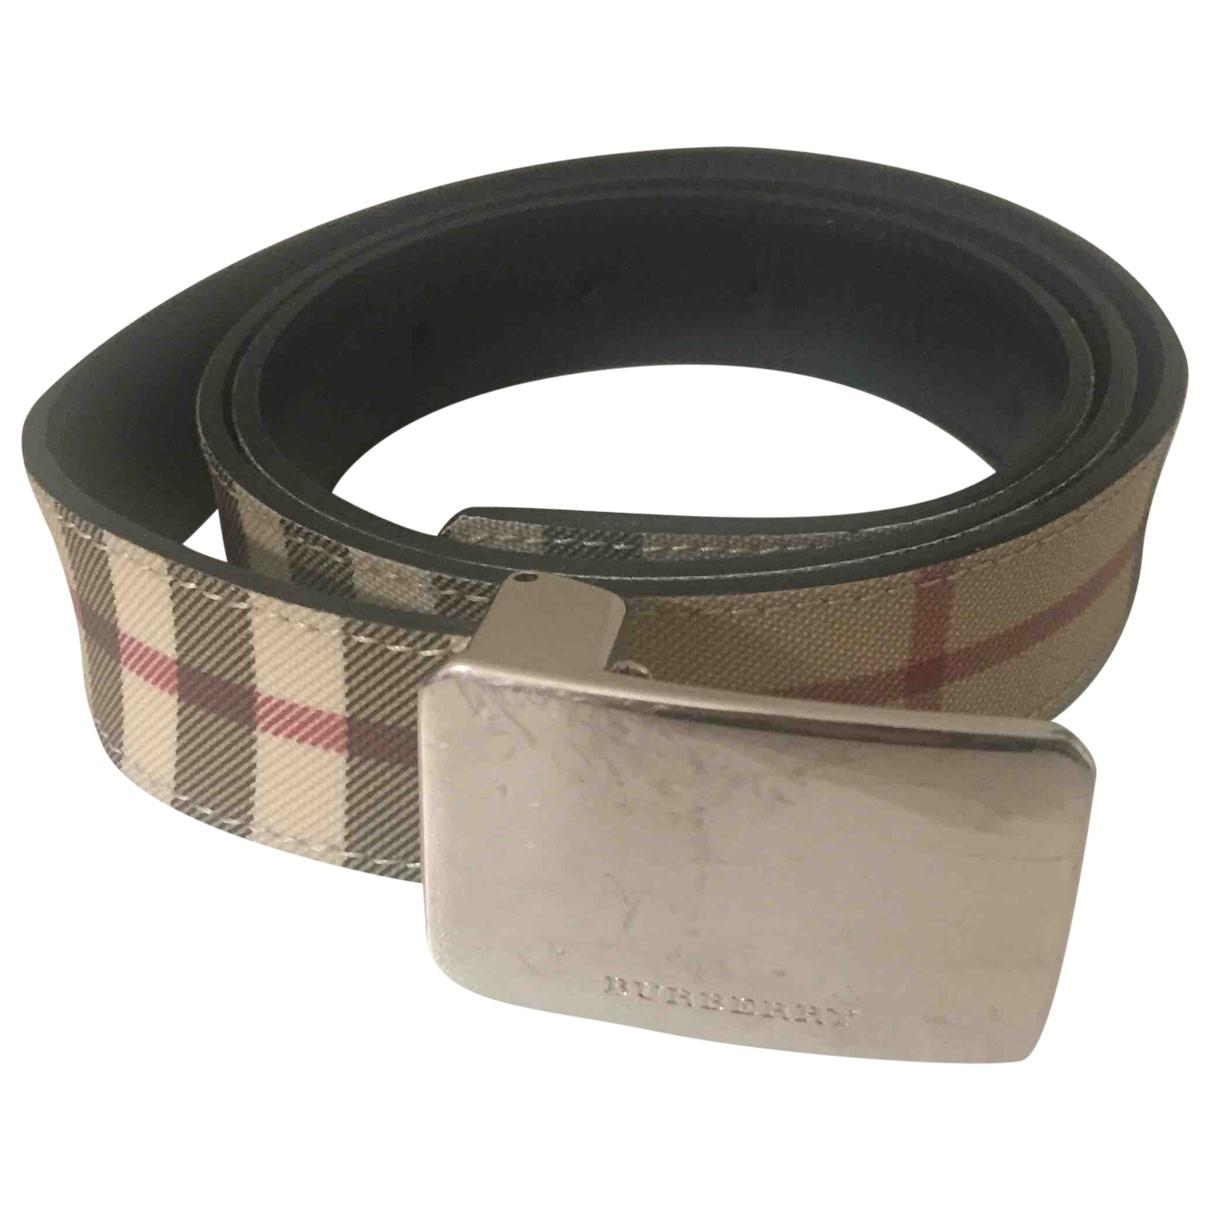 Cinturon de Lona Burberry